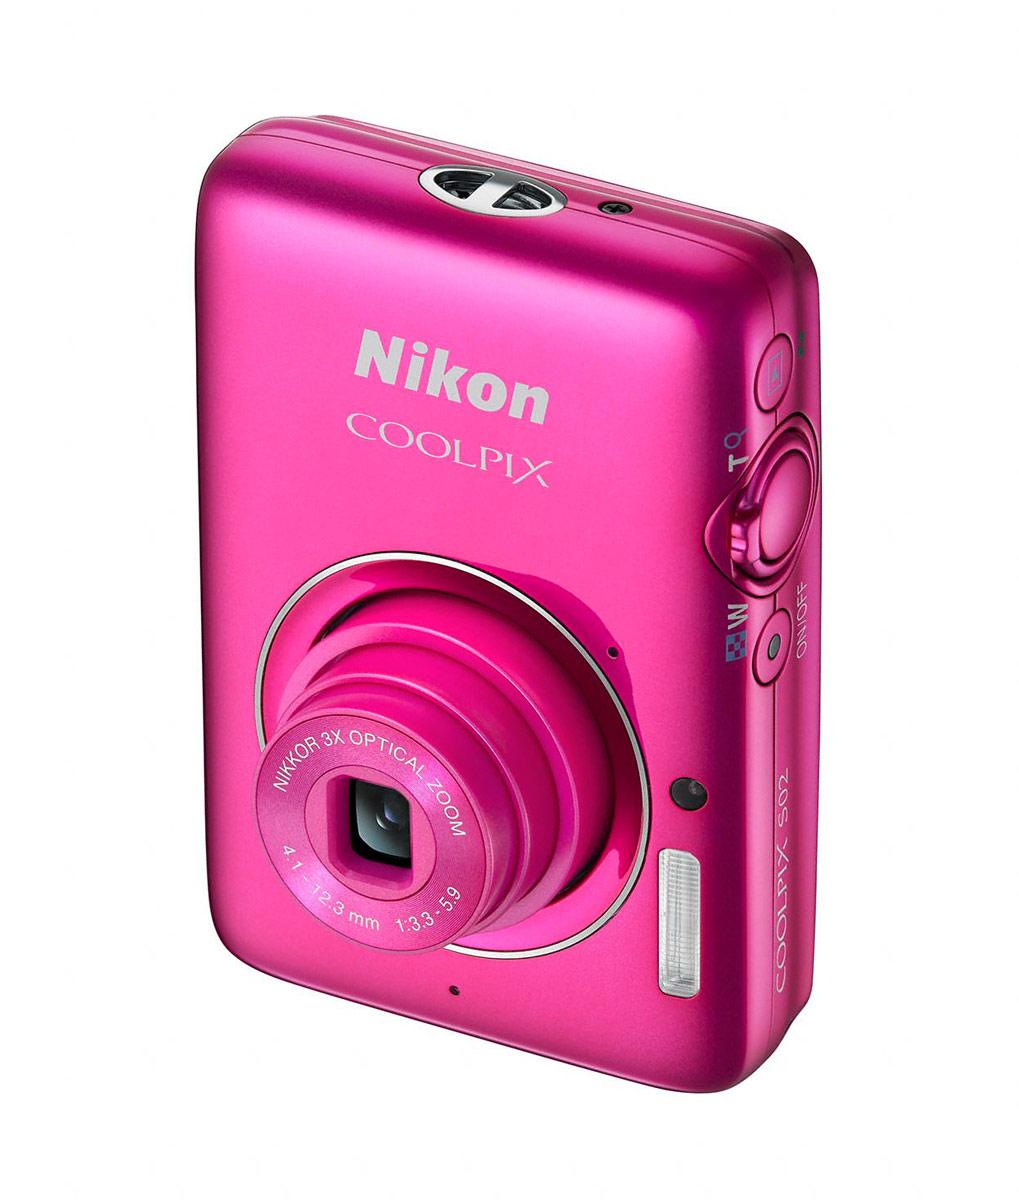 Nikon Coolpix S02 - Pink - Angle